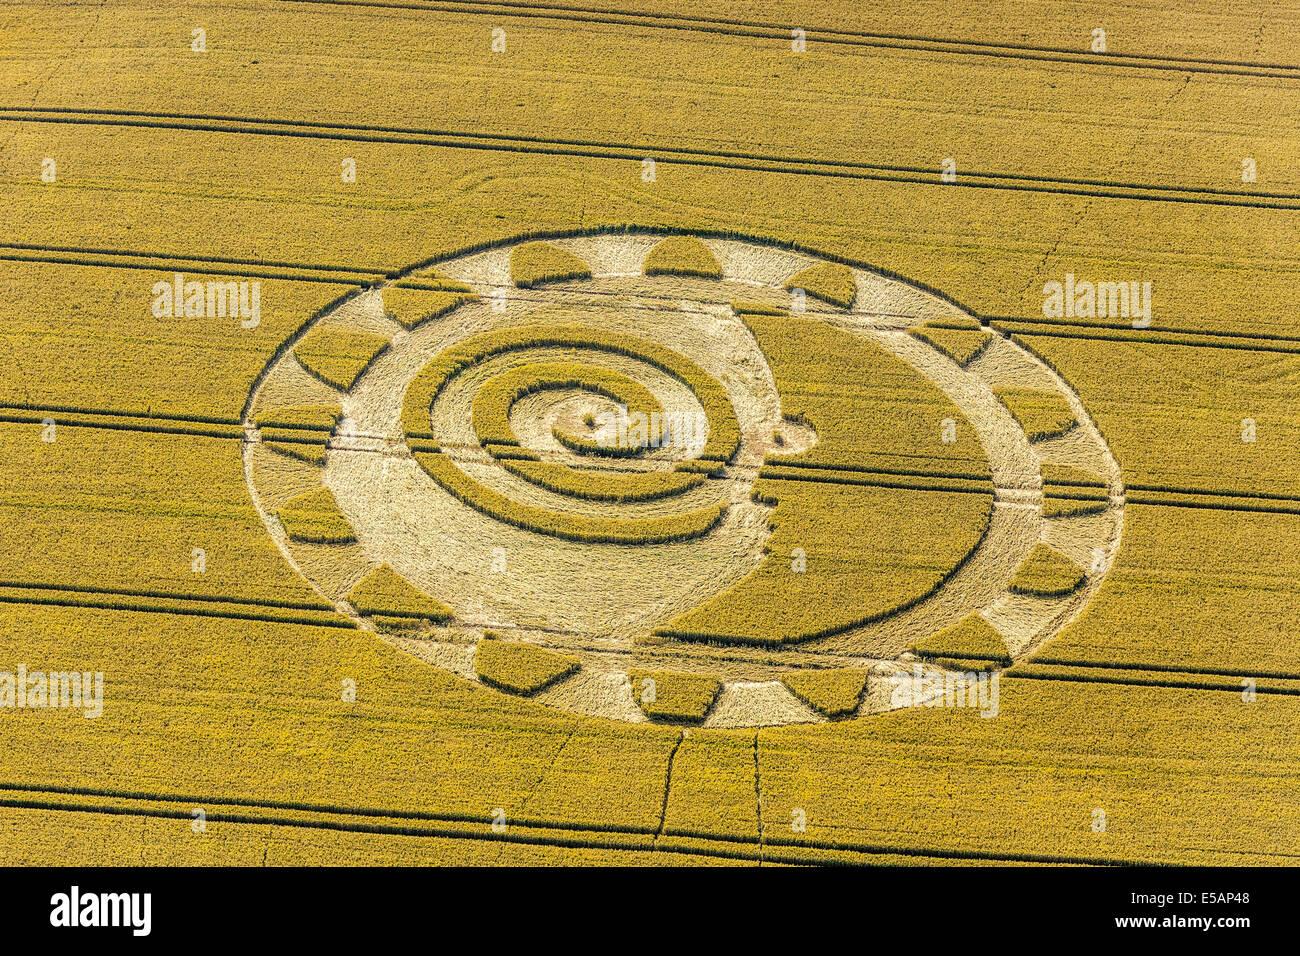 Sur le cercle de récolte des bas entre le château de Barbury et Hackpen, au sud de Swindon Wiltshire en Photo Stock